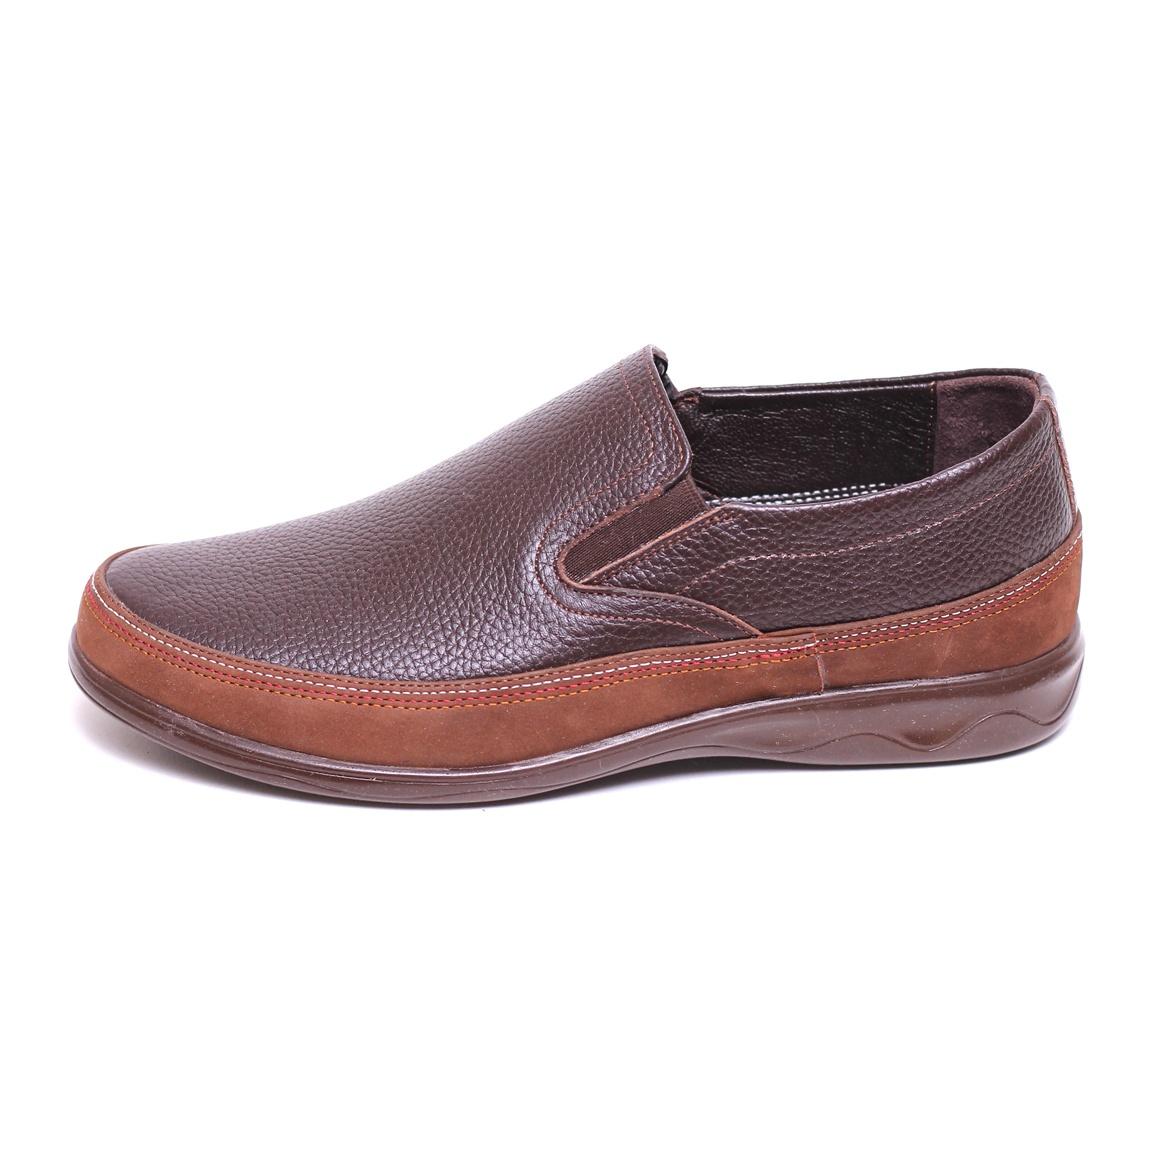 کفش روزمره مردانه پای آرا مدل فرنود